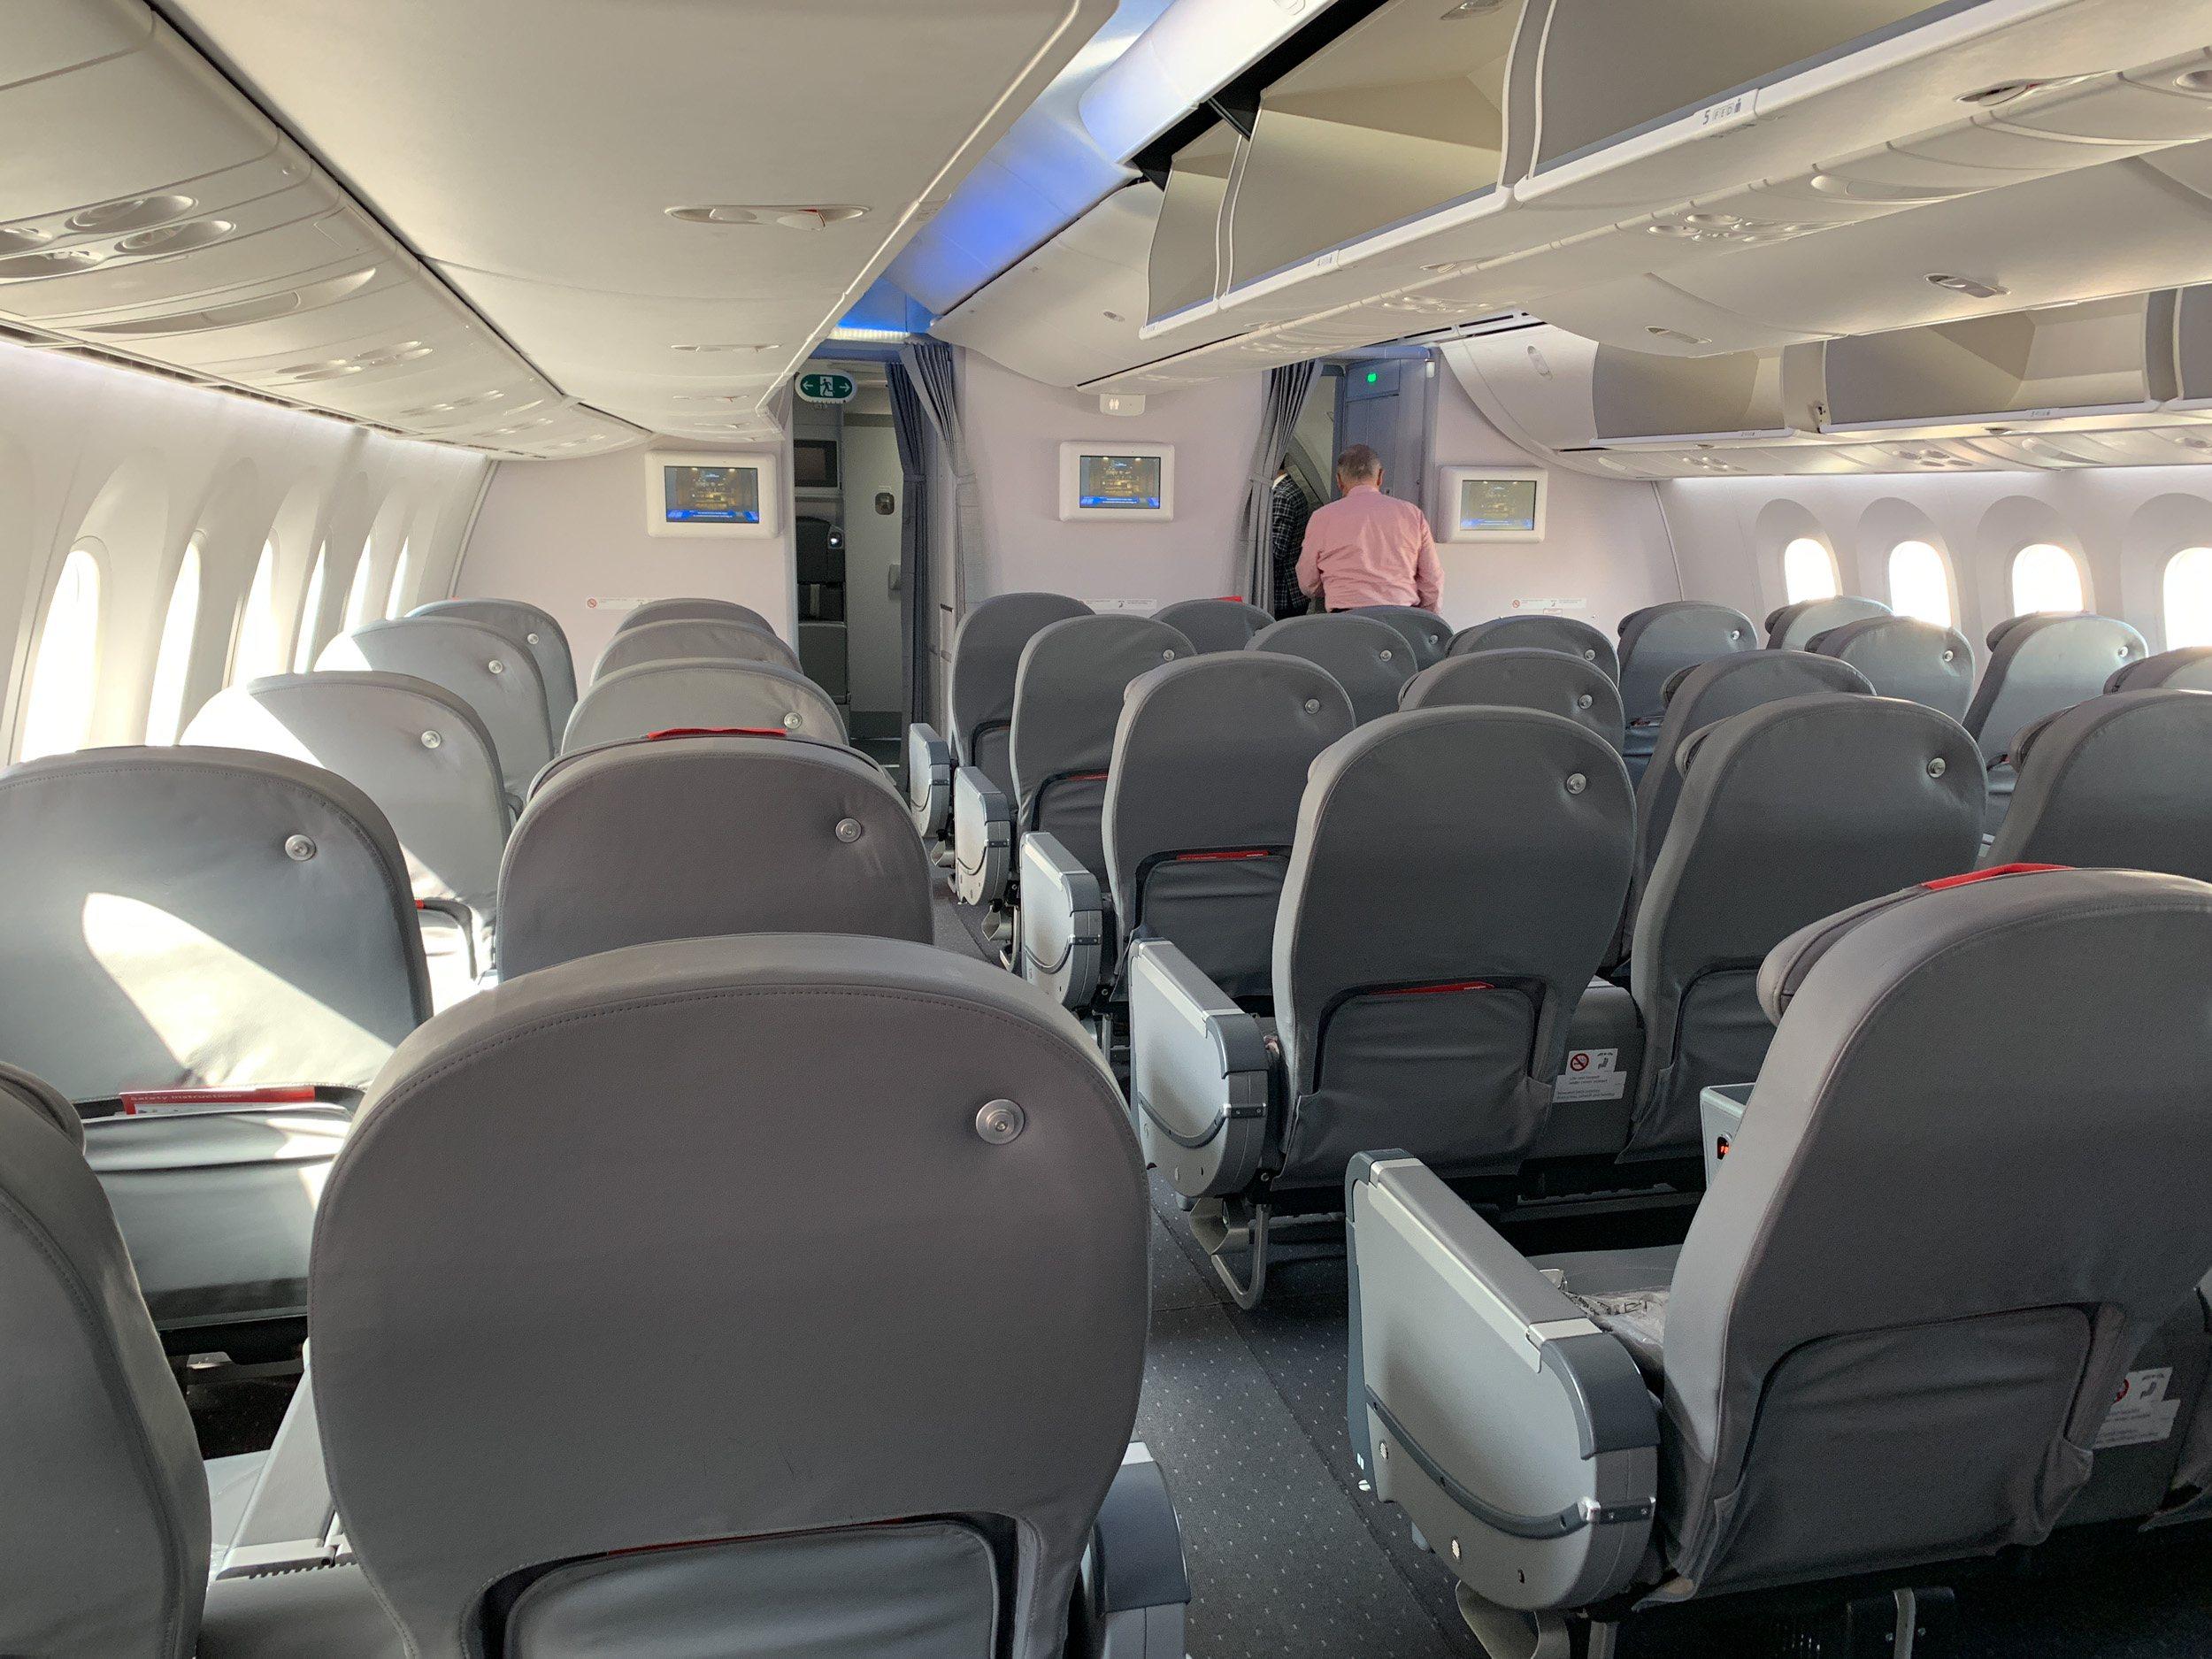 Norwegian Air 787 Premium seating cabin